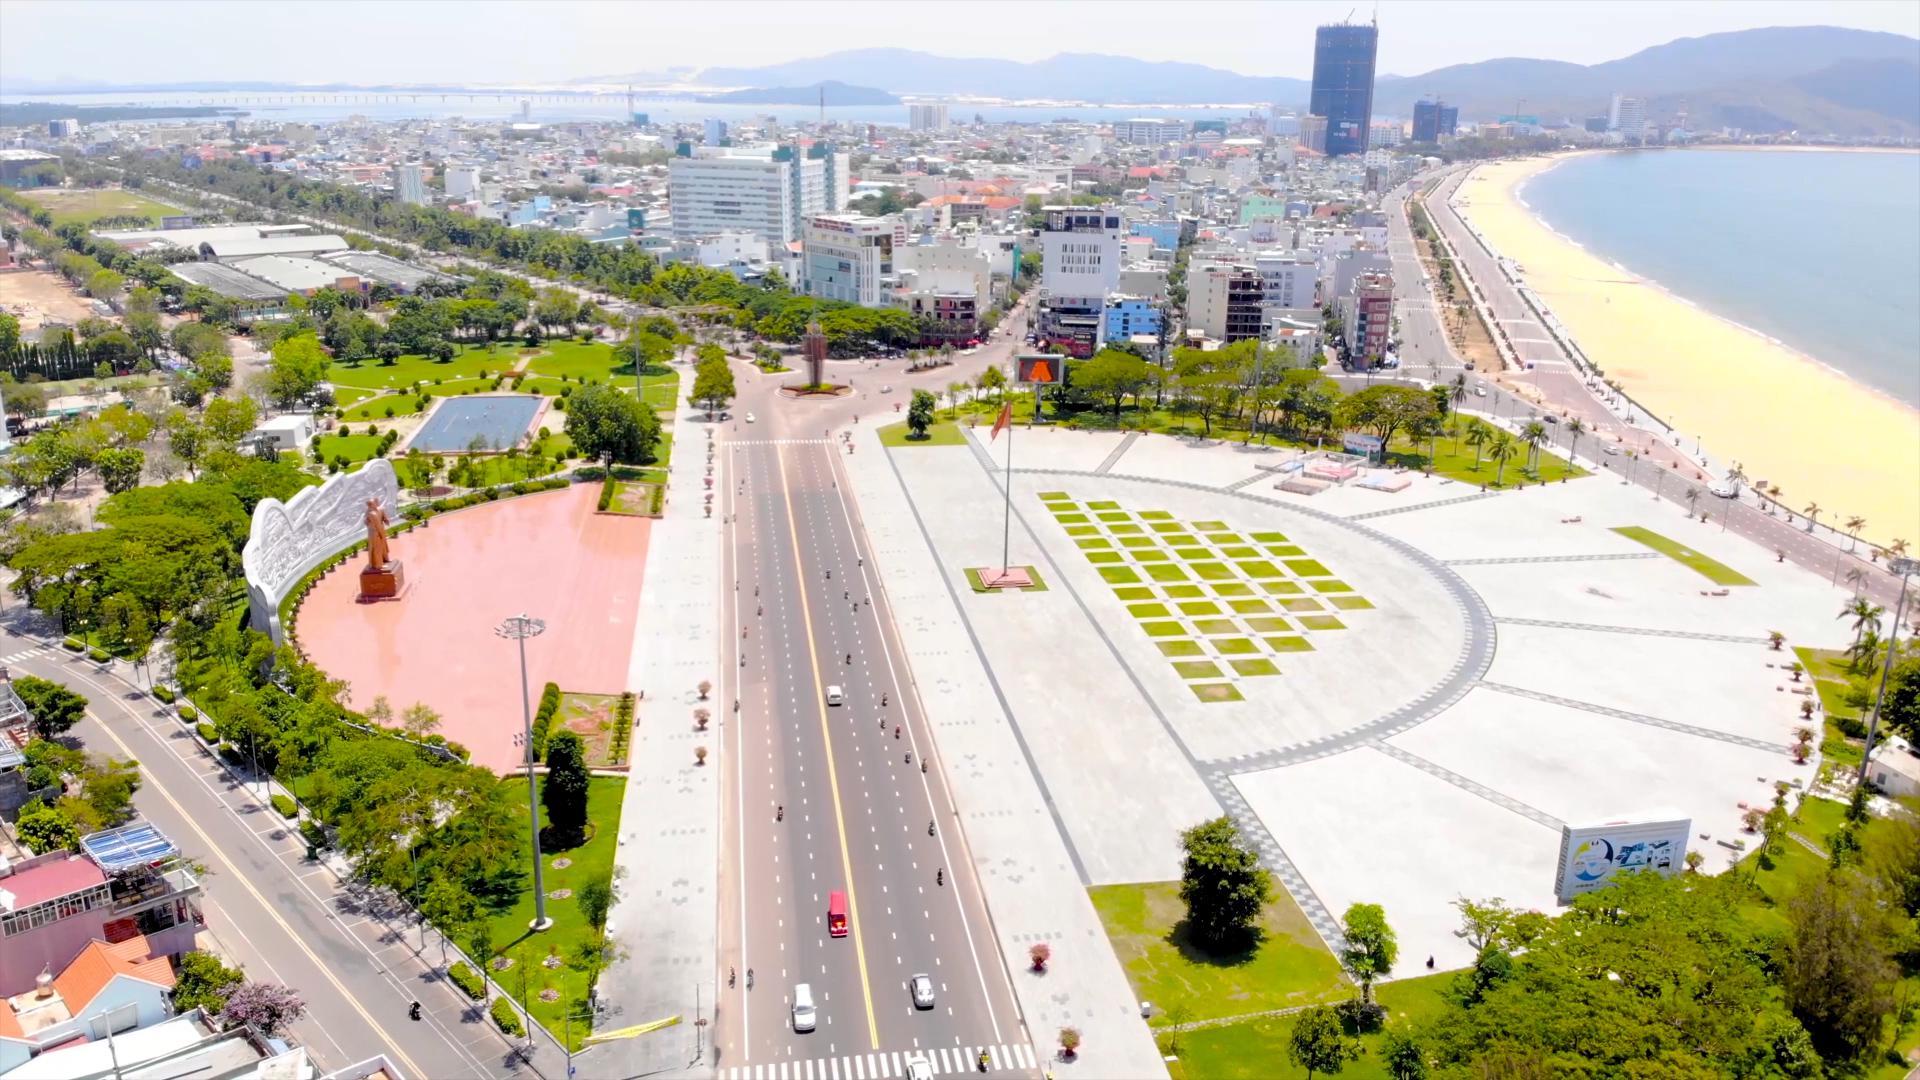 Bất động sản Quy Nhơn kỳ vọng bứt phá sau loạt dự án hạ tầng